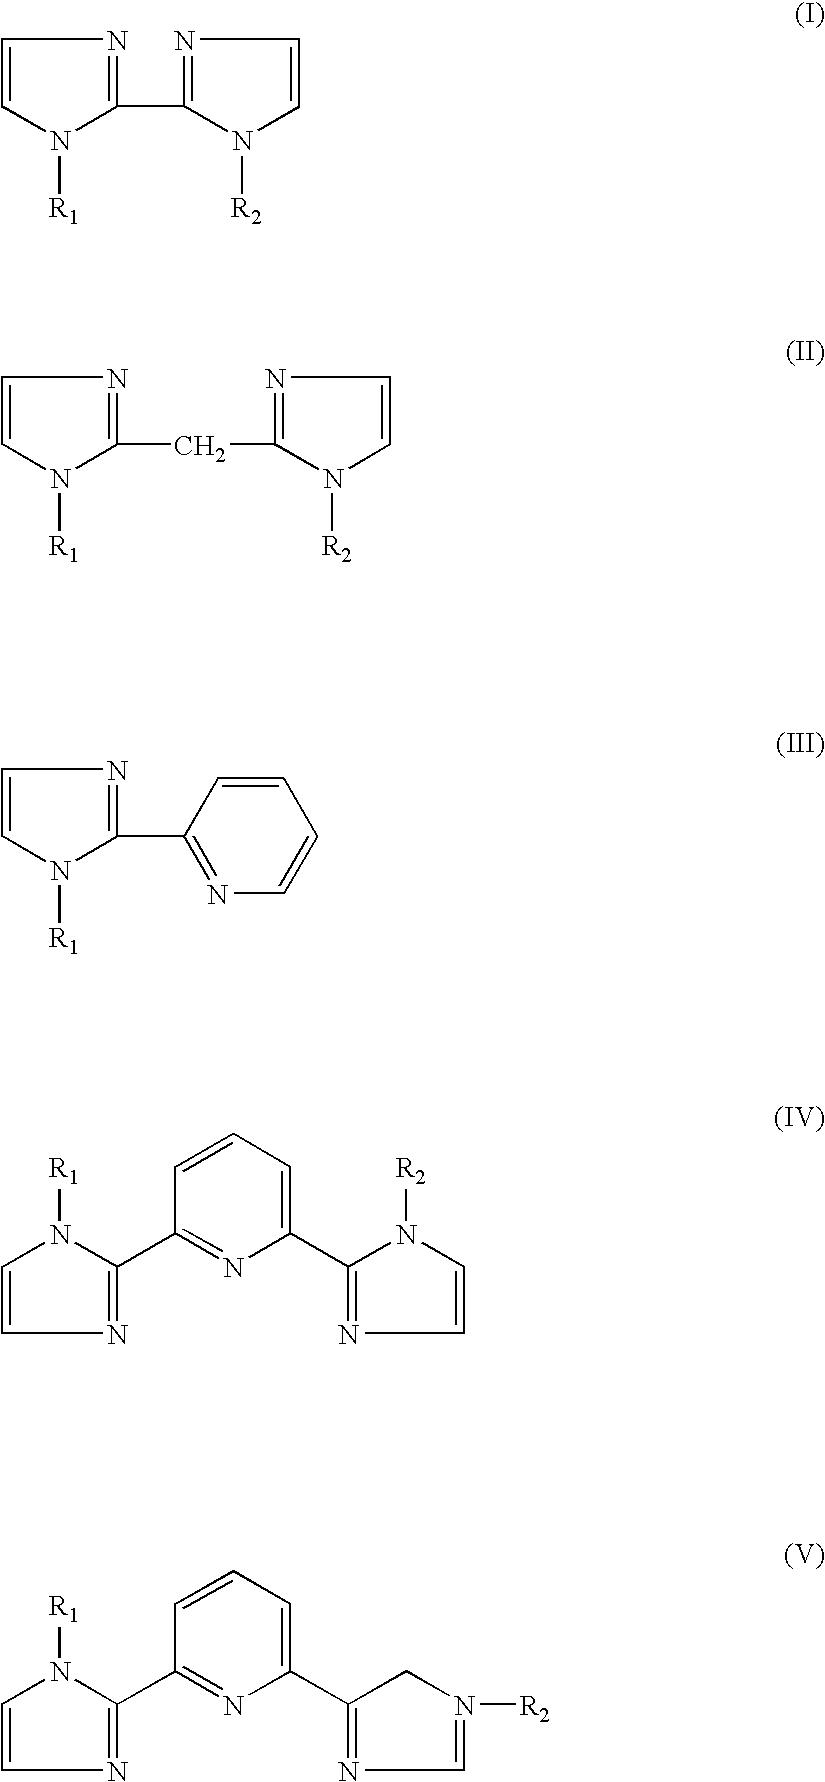 Figure US20100086961A1-20100408-C00001